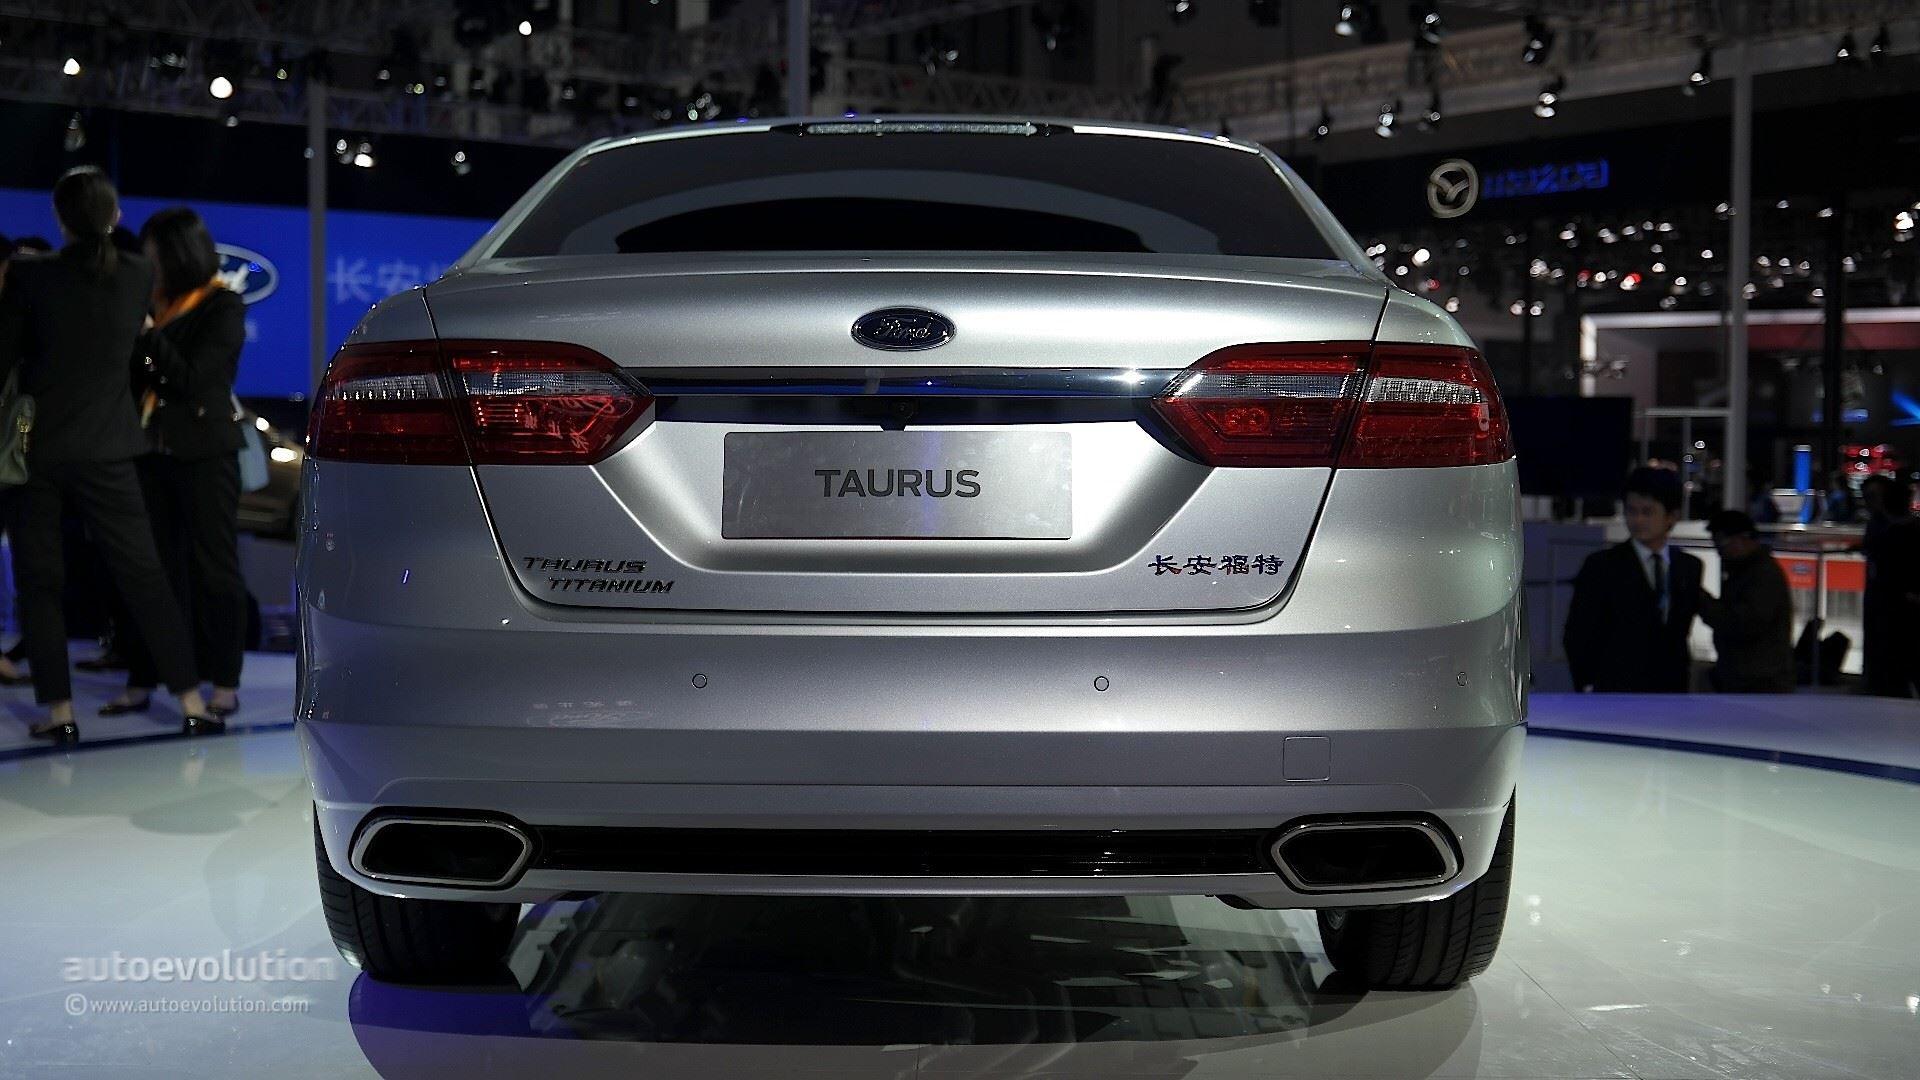 التصميم الخلفي للسيارة فورد توروس 2016